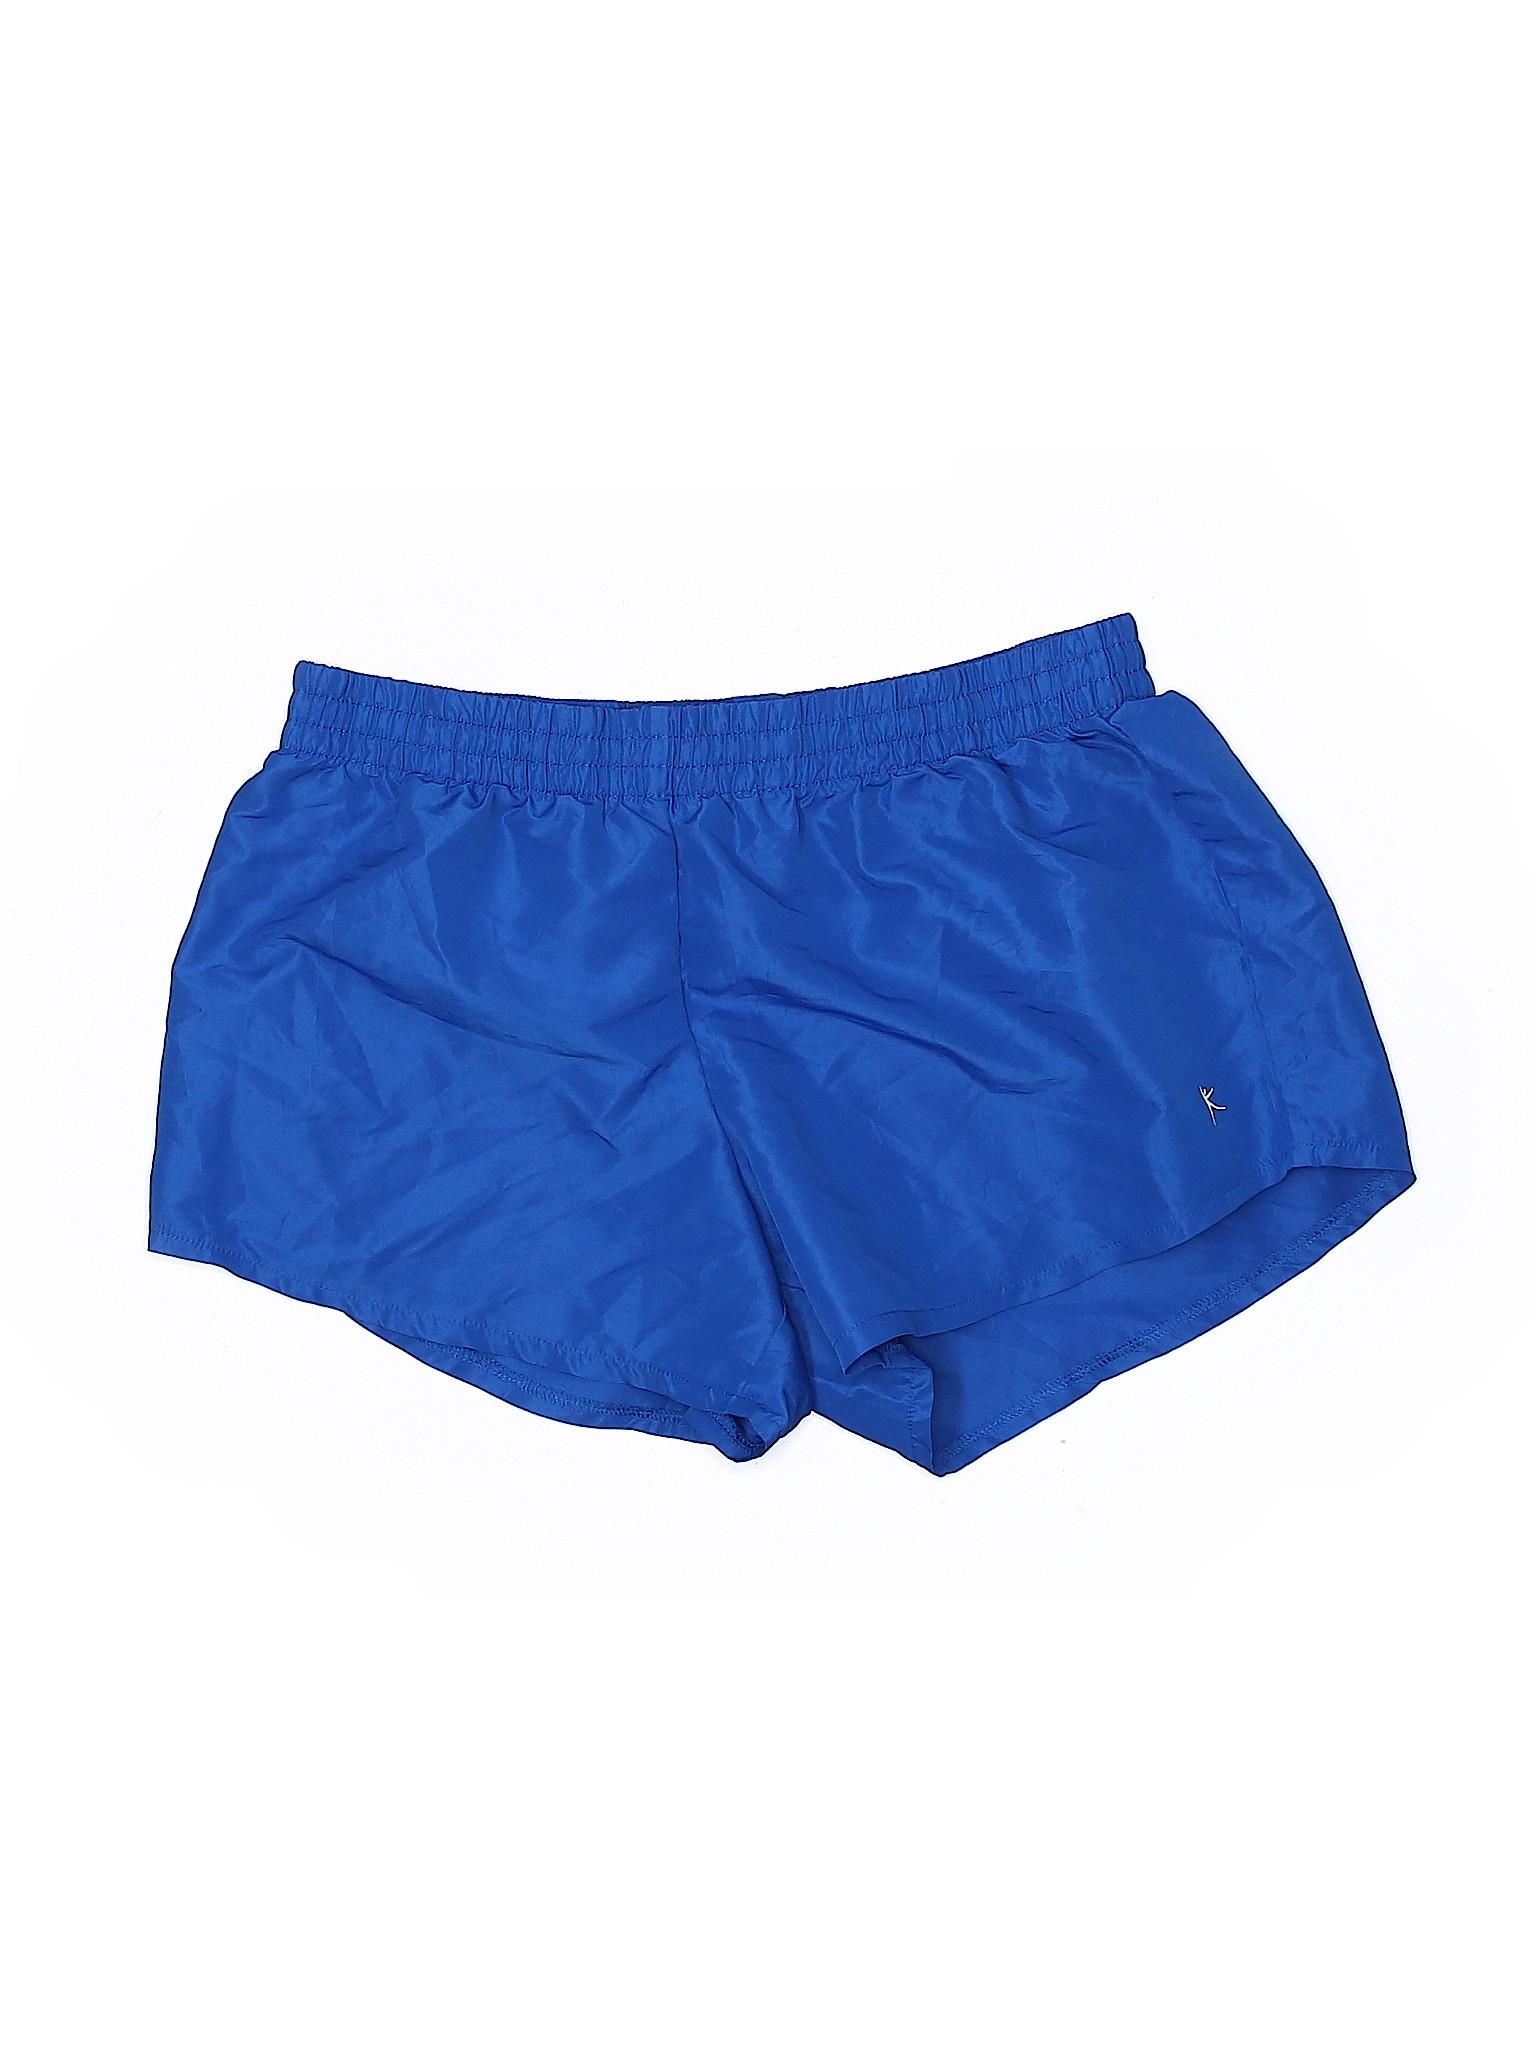 Athletic Shorts Now Danskin leisure Boutique w7fzEIxqtn